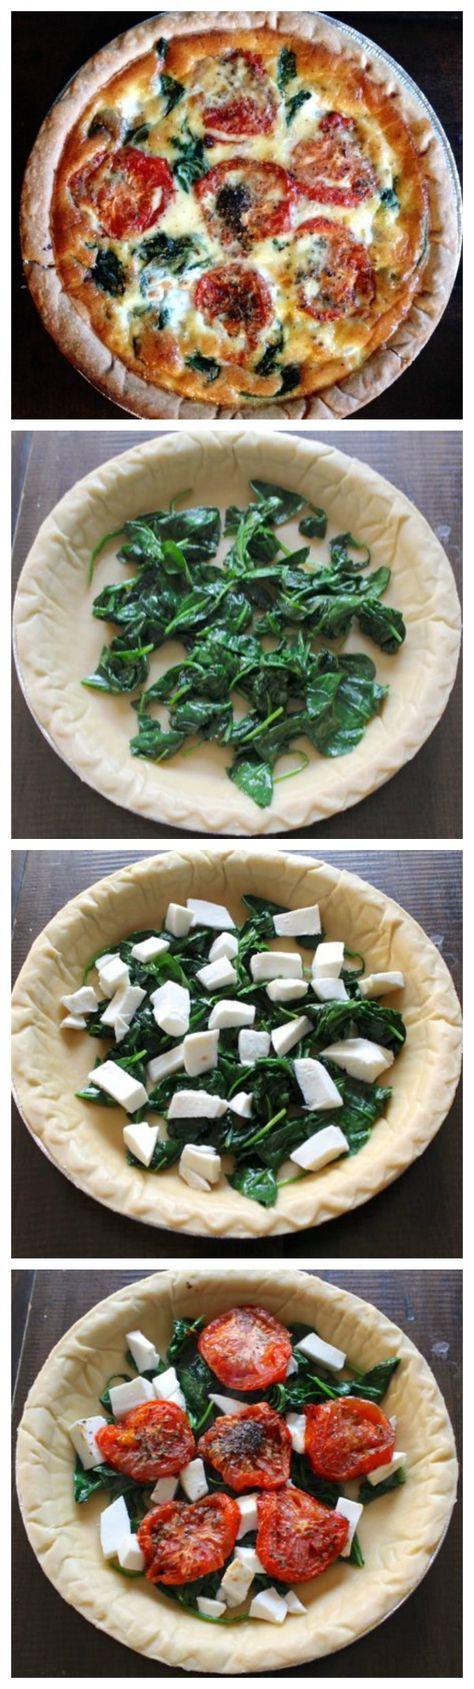 Roasted Tomato, Spinach, and Mozzarella Quiche